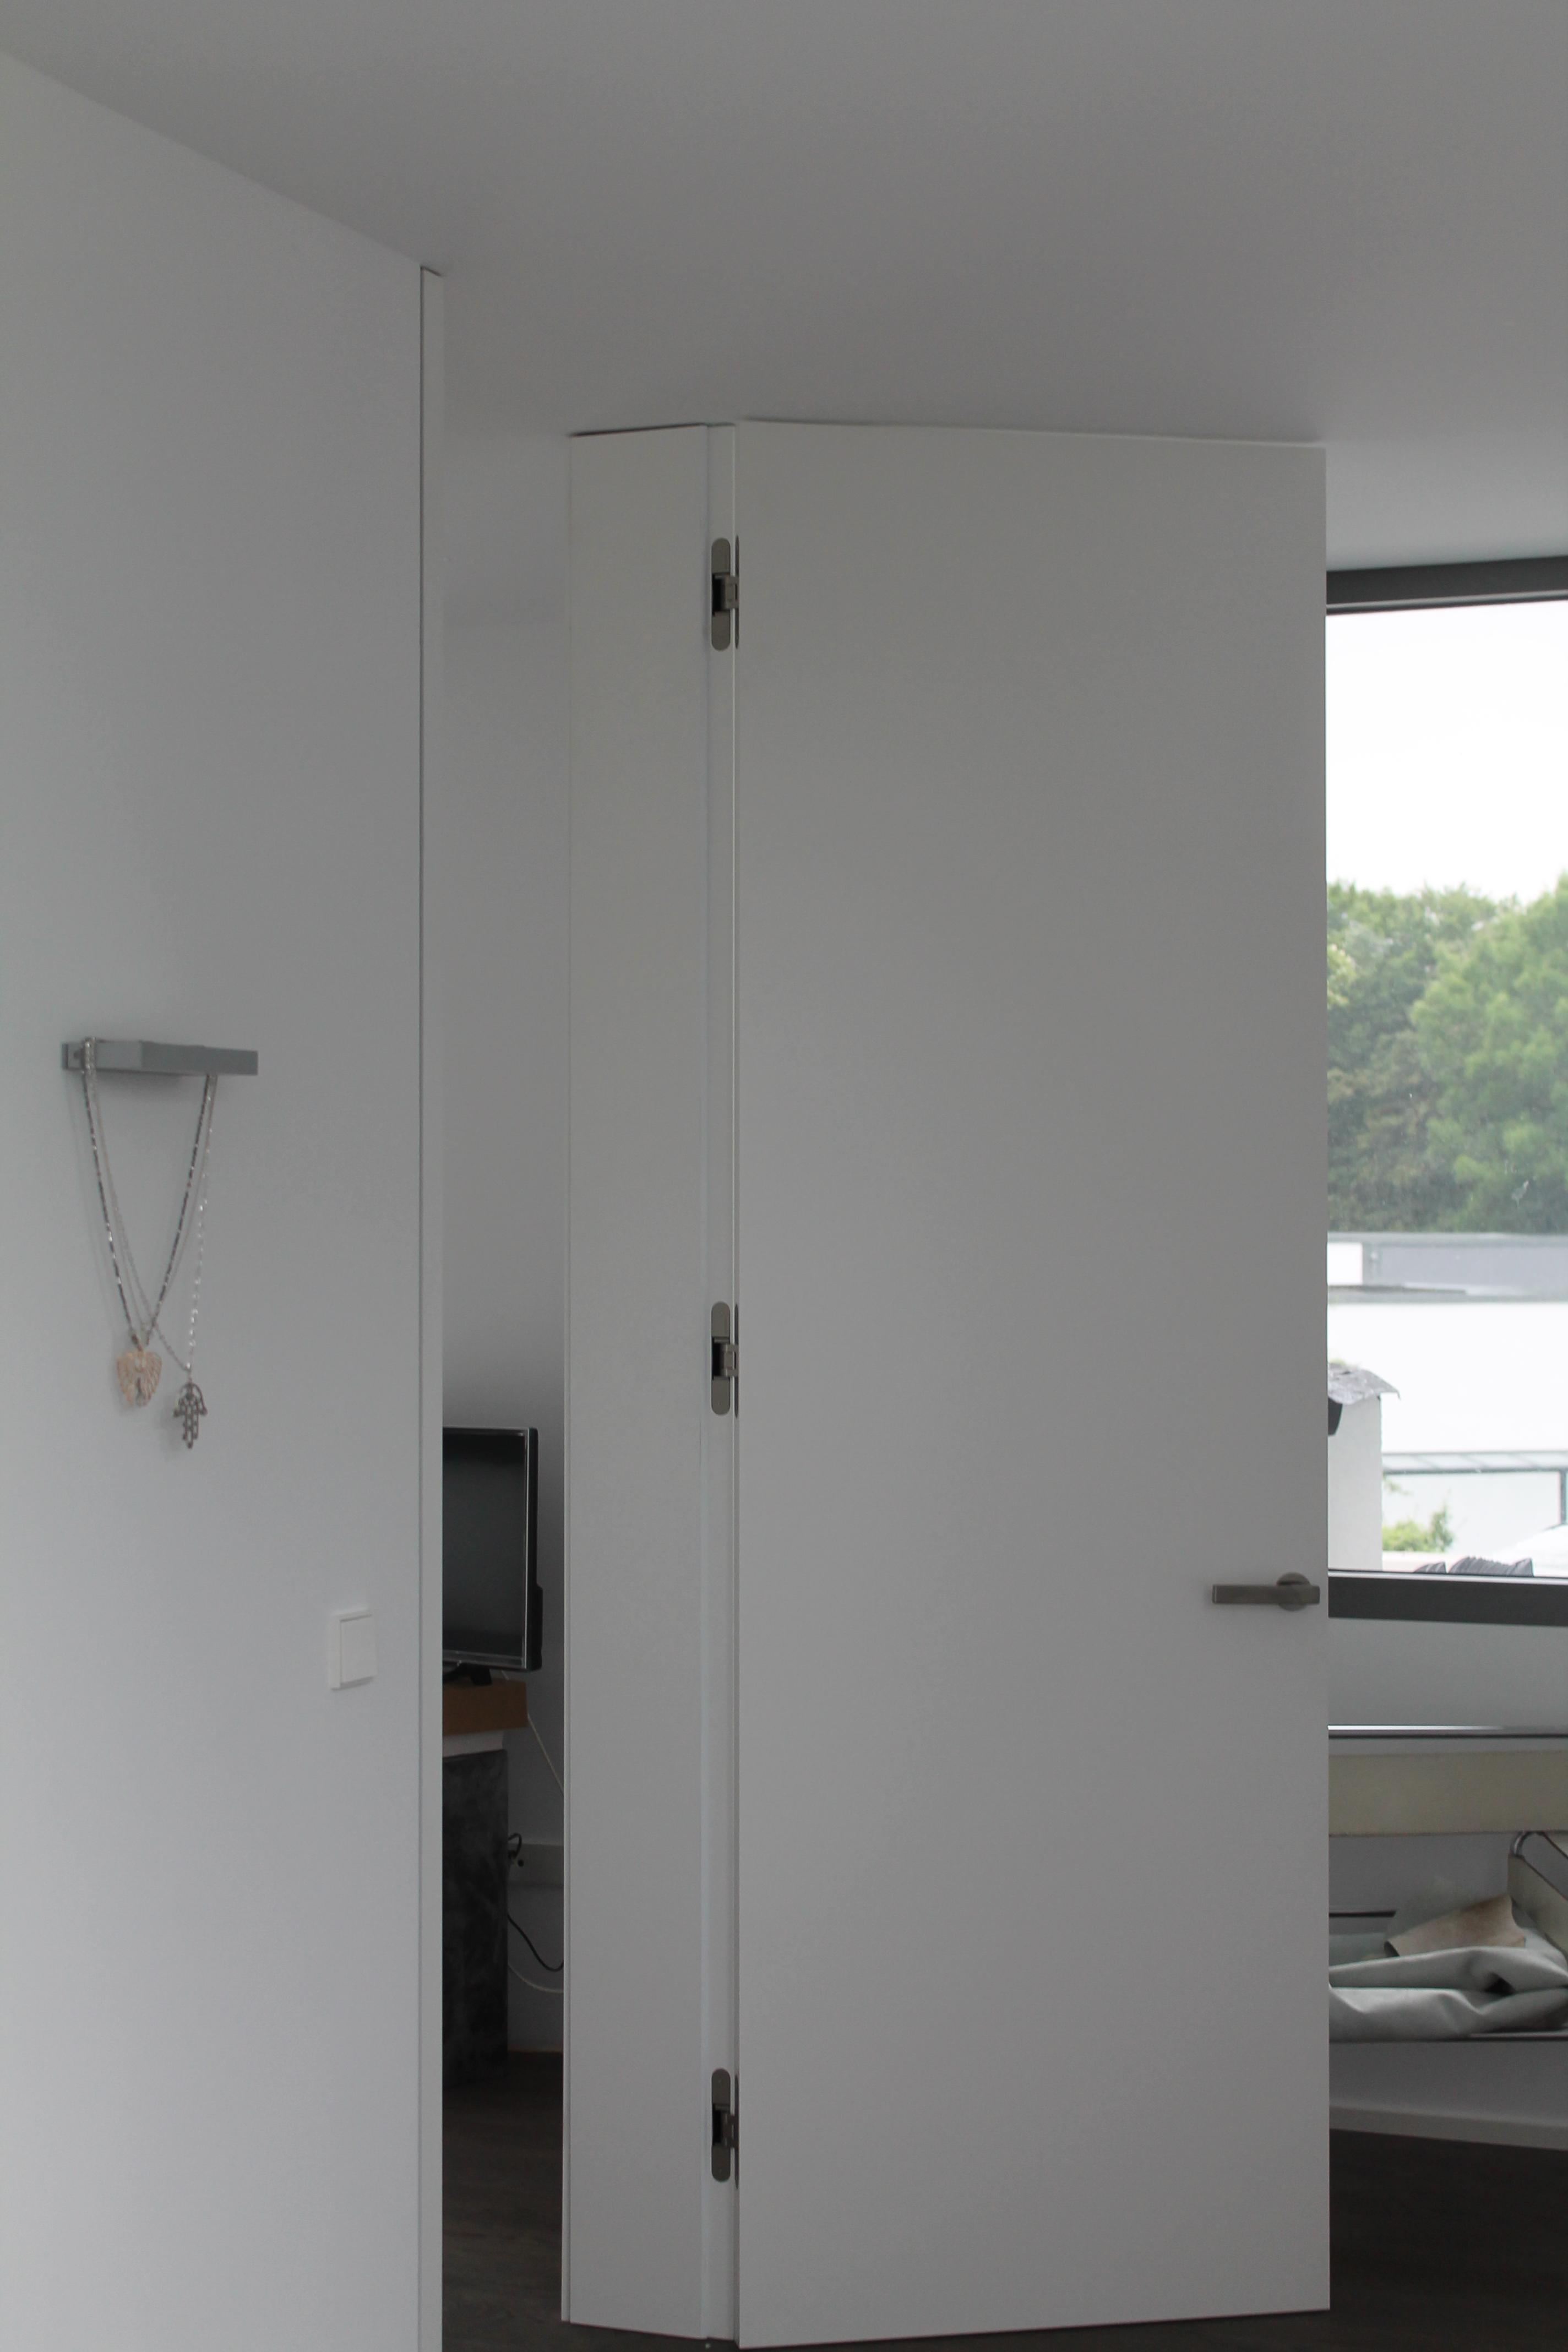 produkte niermann t ren und fenster gmbh. Black Bedroom Furniture Sets. Home Design Ideas